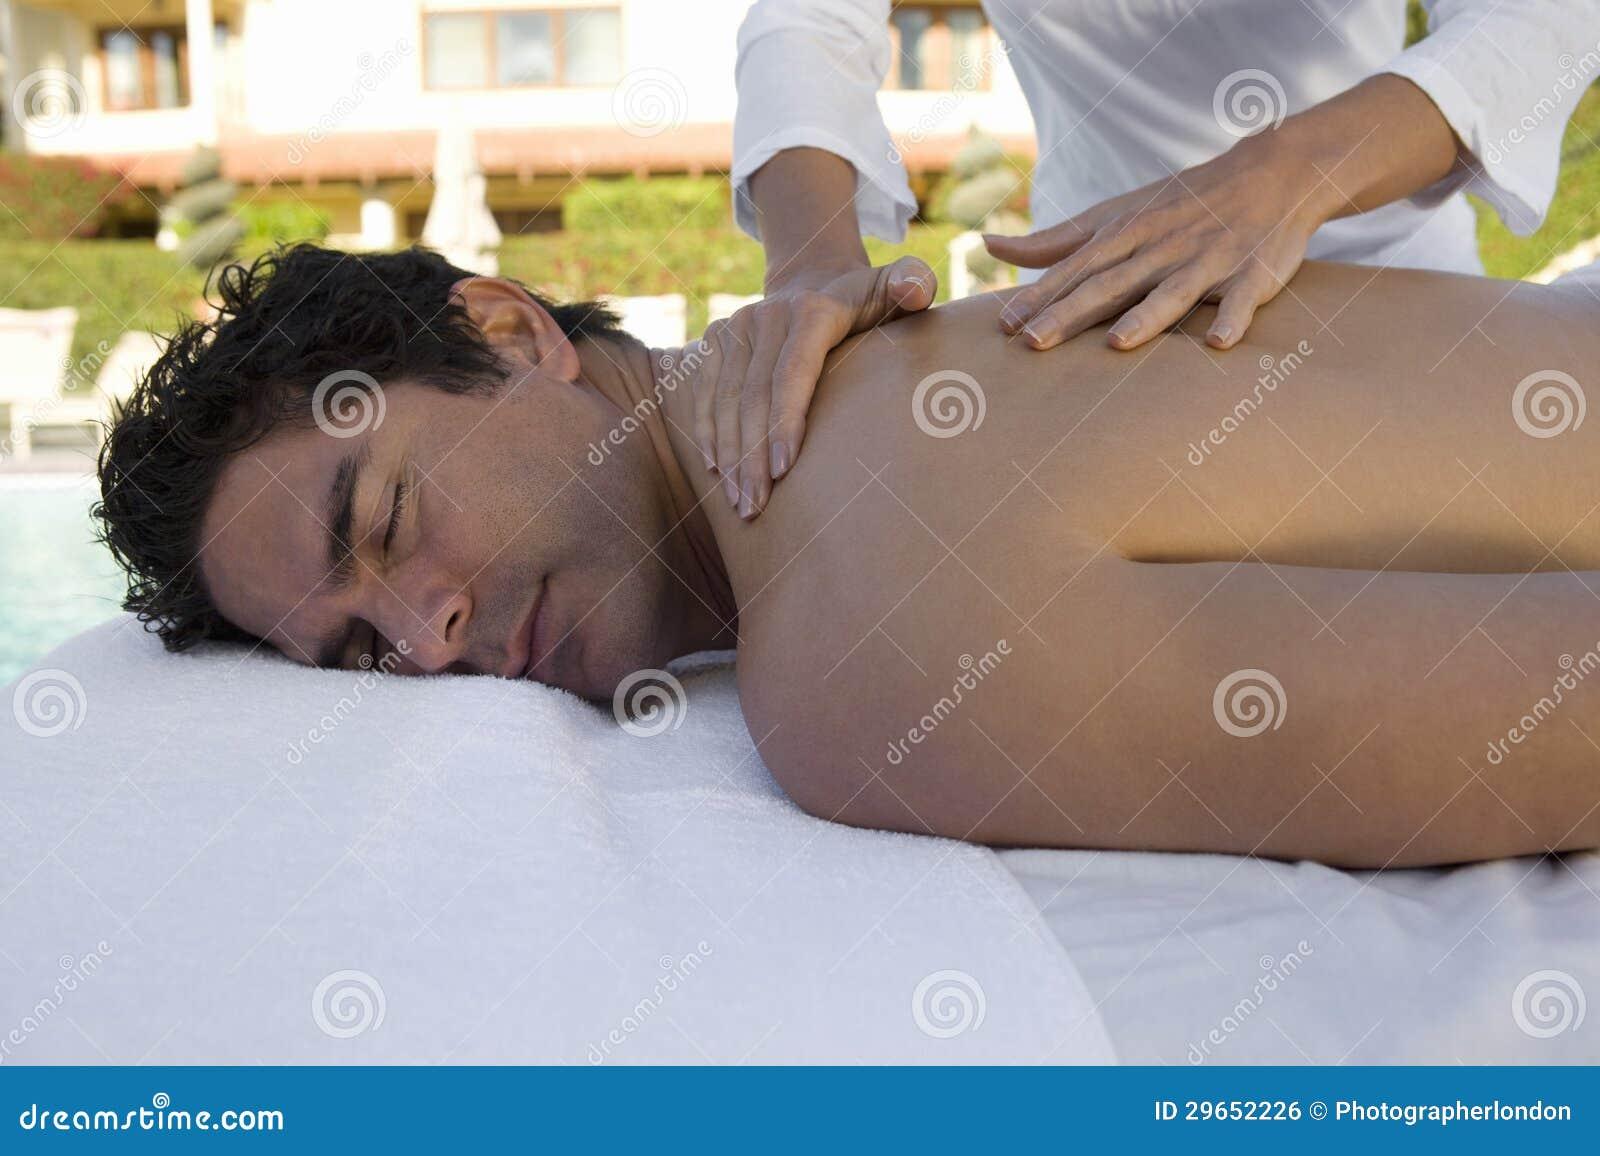 mature massage male to male massage brisbane